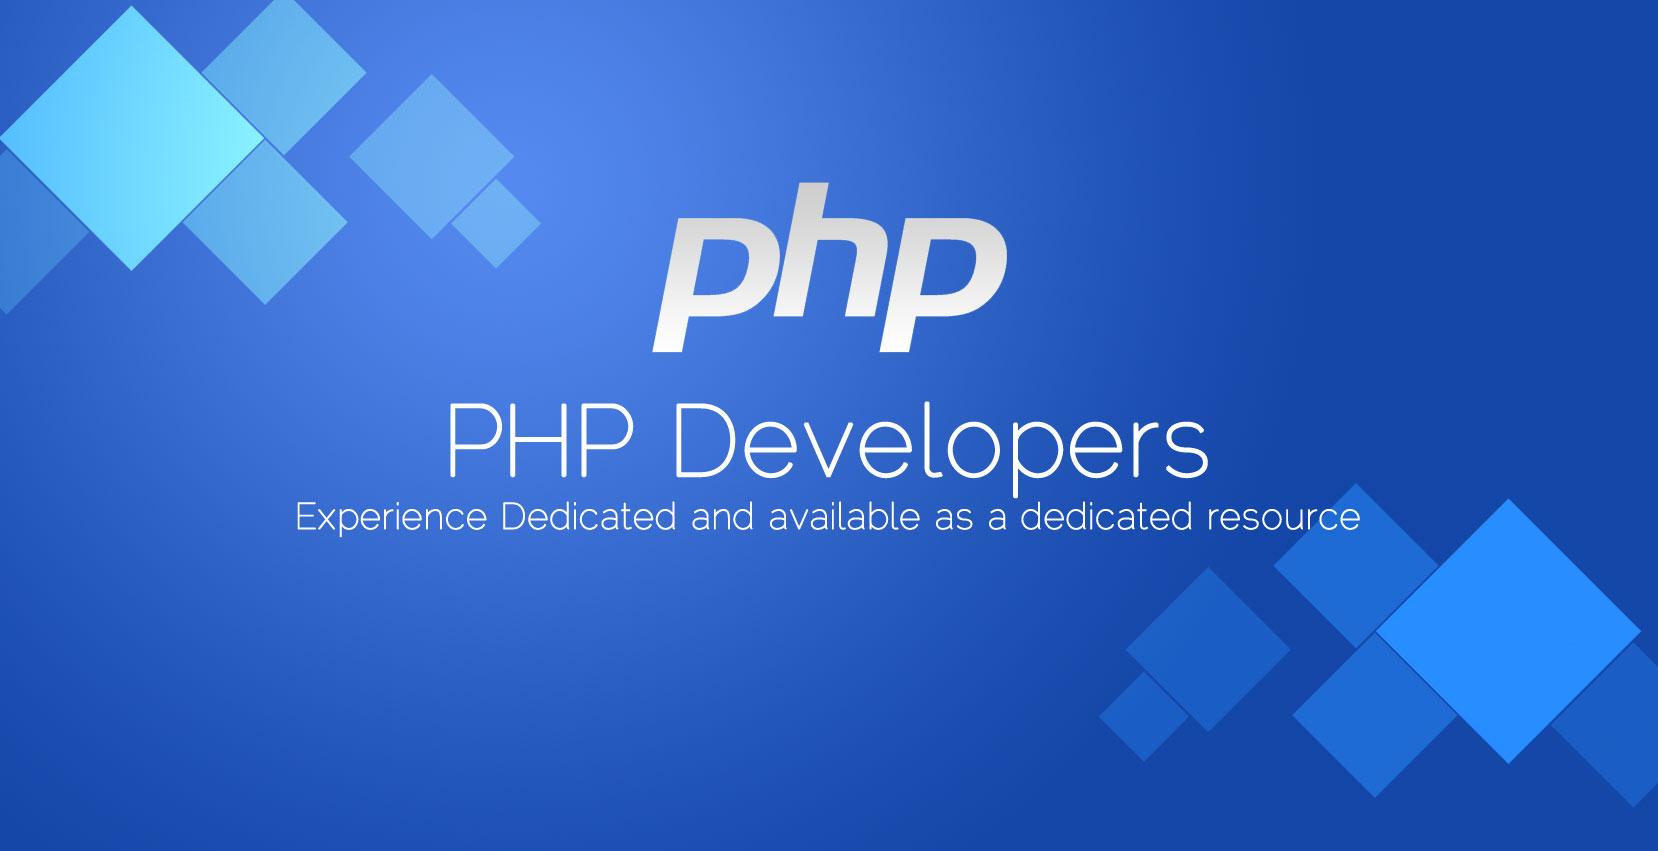 Công ty Cổ phần Công nghệ Tinh Vân tuyển PHP developer